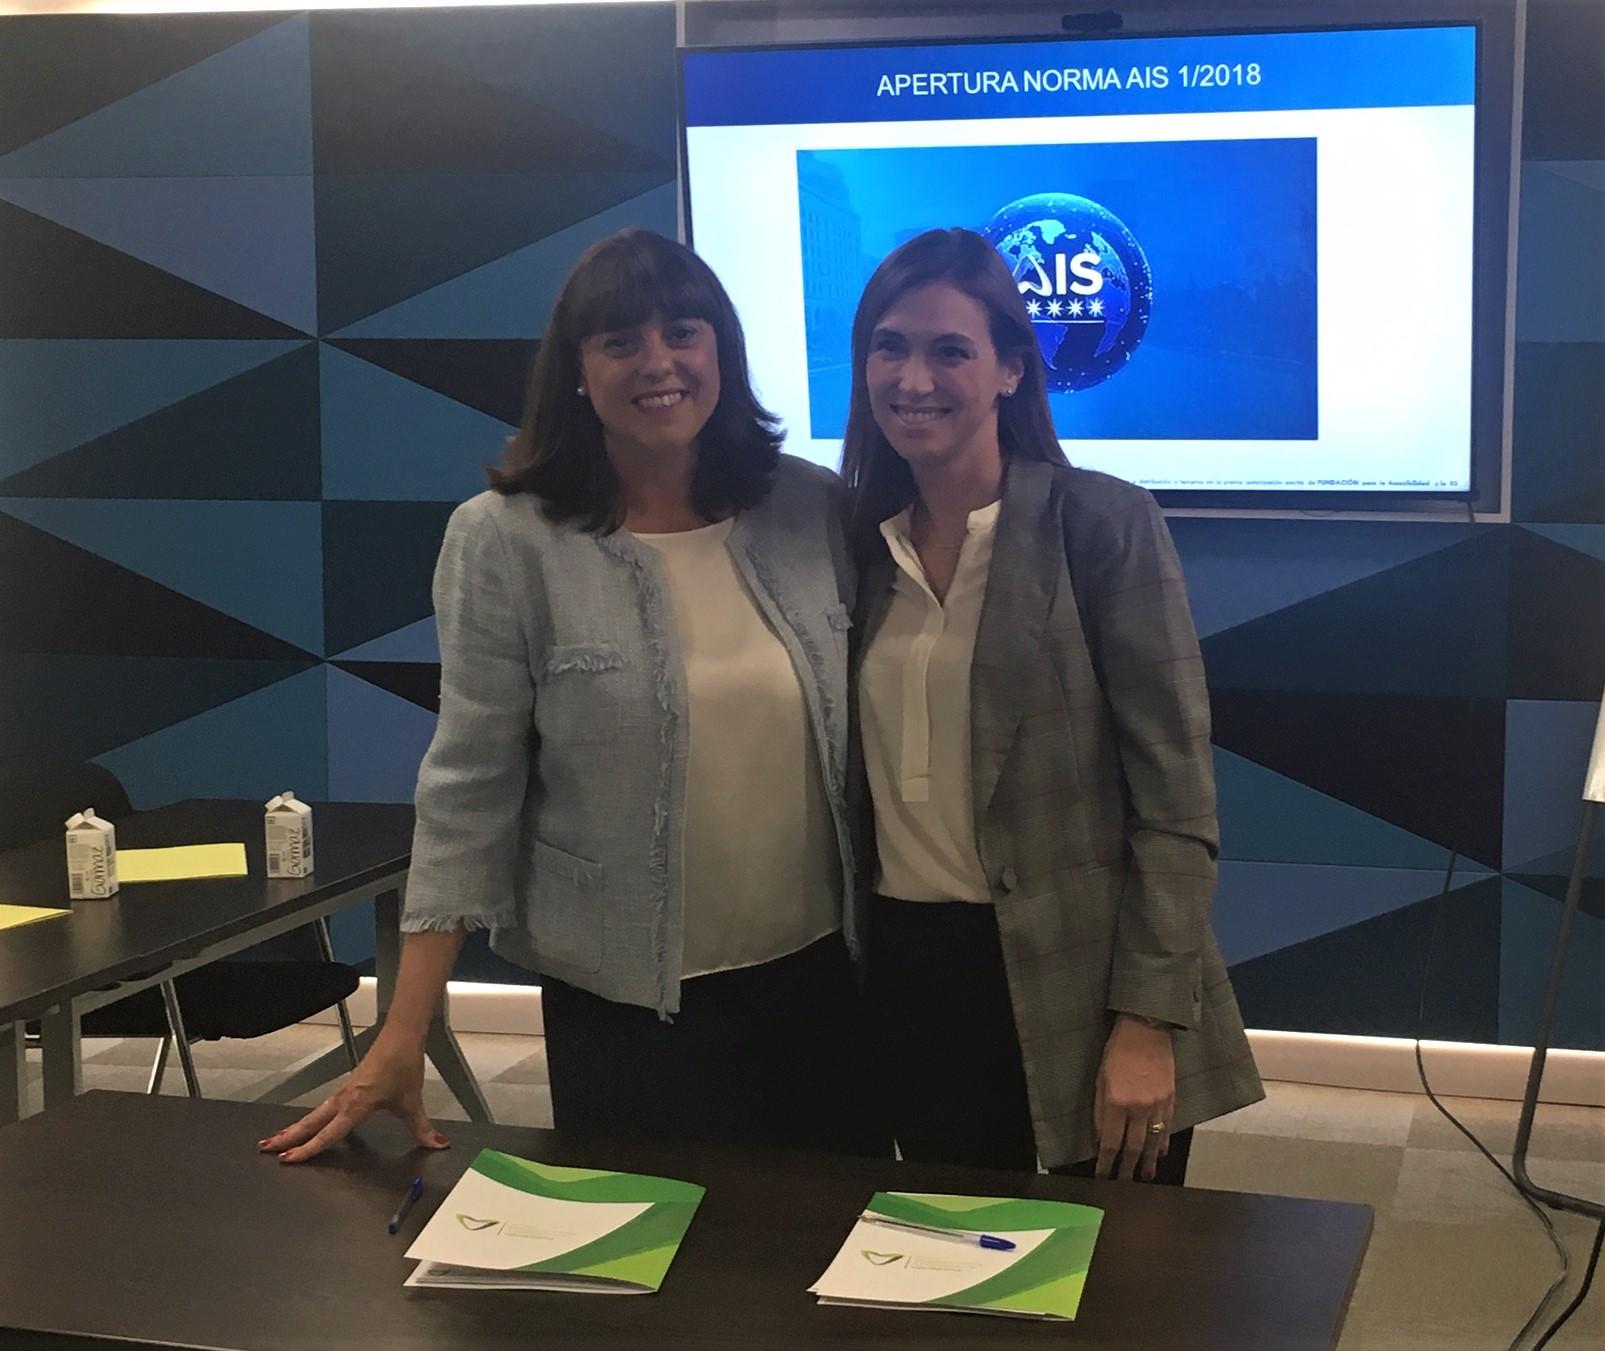 Esther Bienes y Gálata Llano, tras la firma del acuerdo de la certificación de accesibilidad AIS con SafeCity